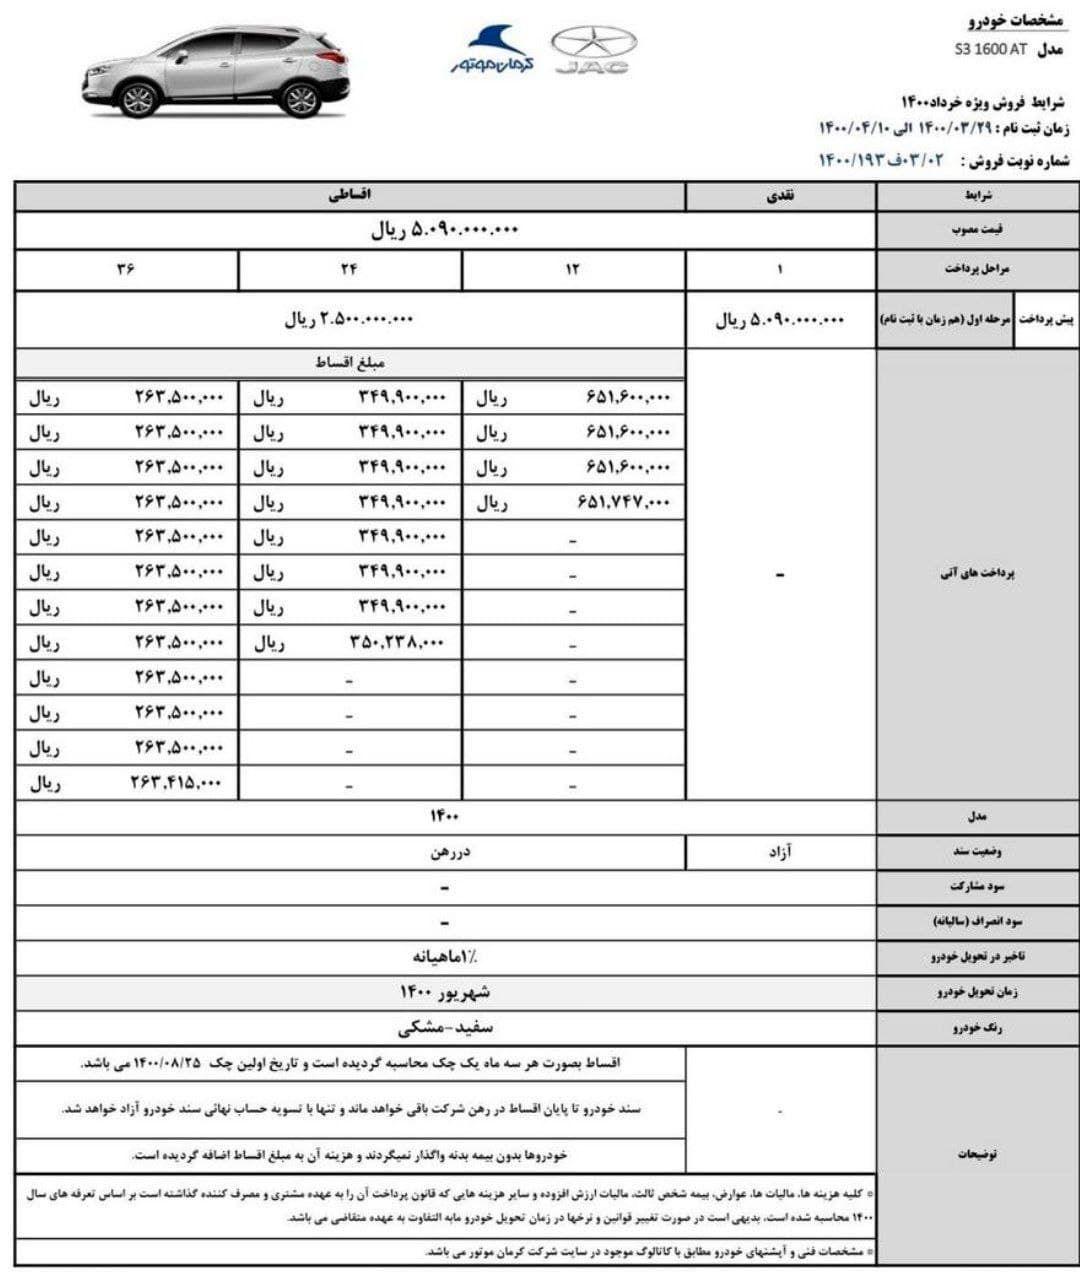 طرح جدید پیش فروش خودرو جک S3 - خرداد و تیر 1400